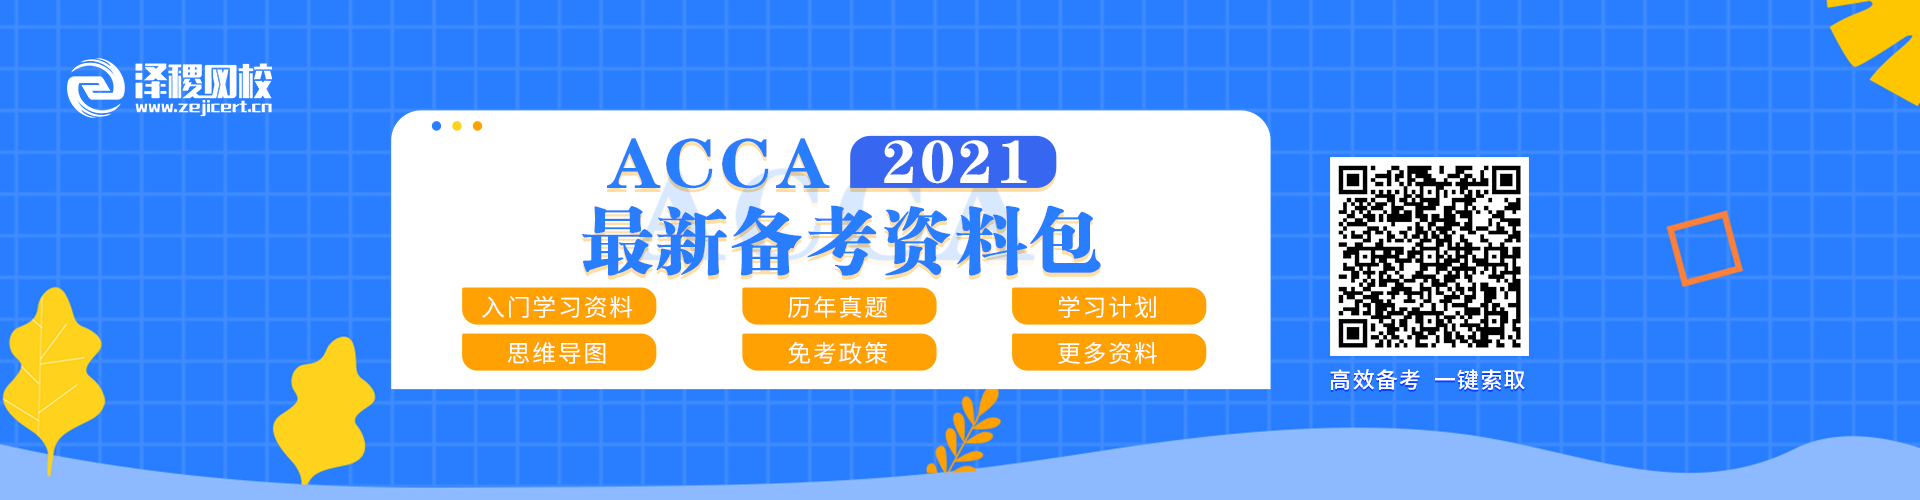 2021年ACCA备考资料